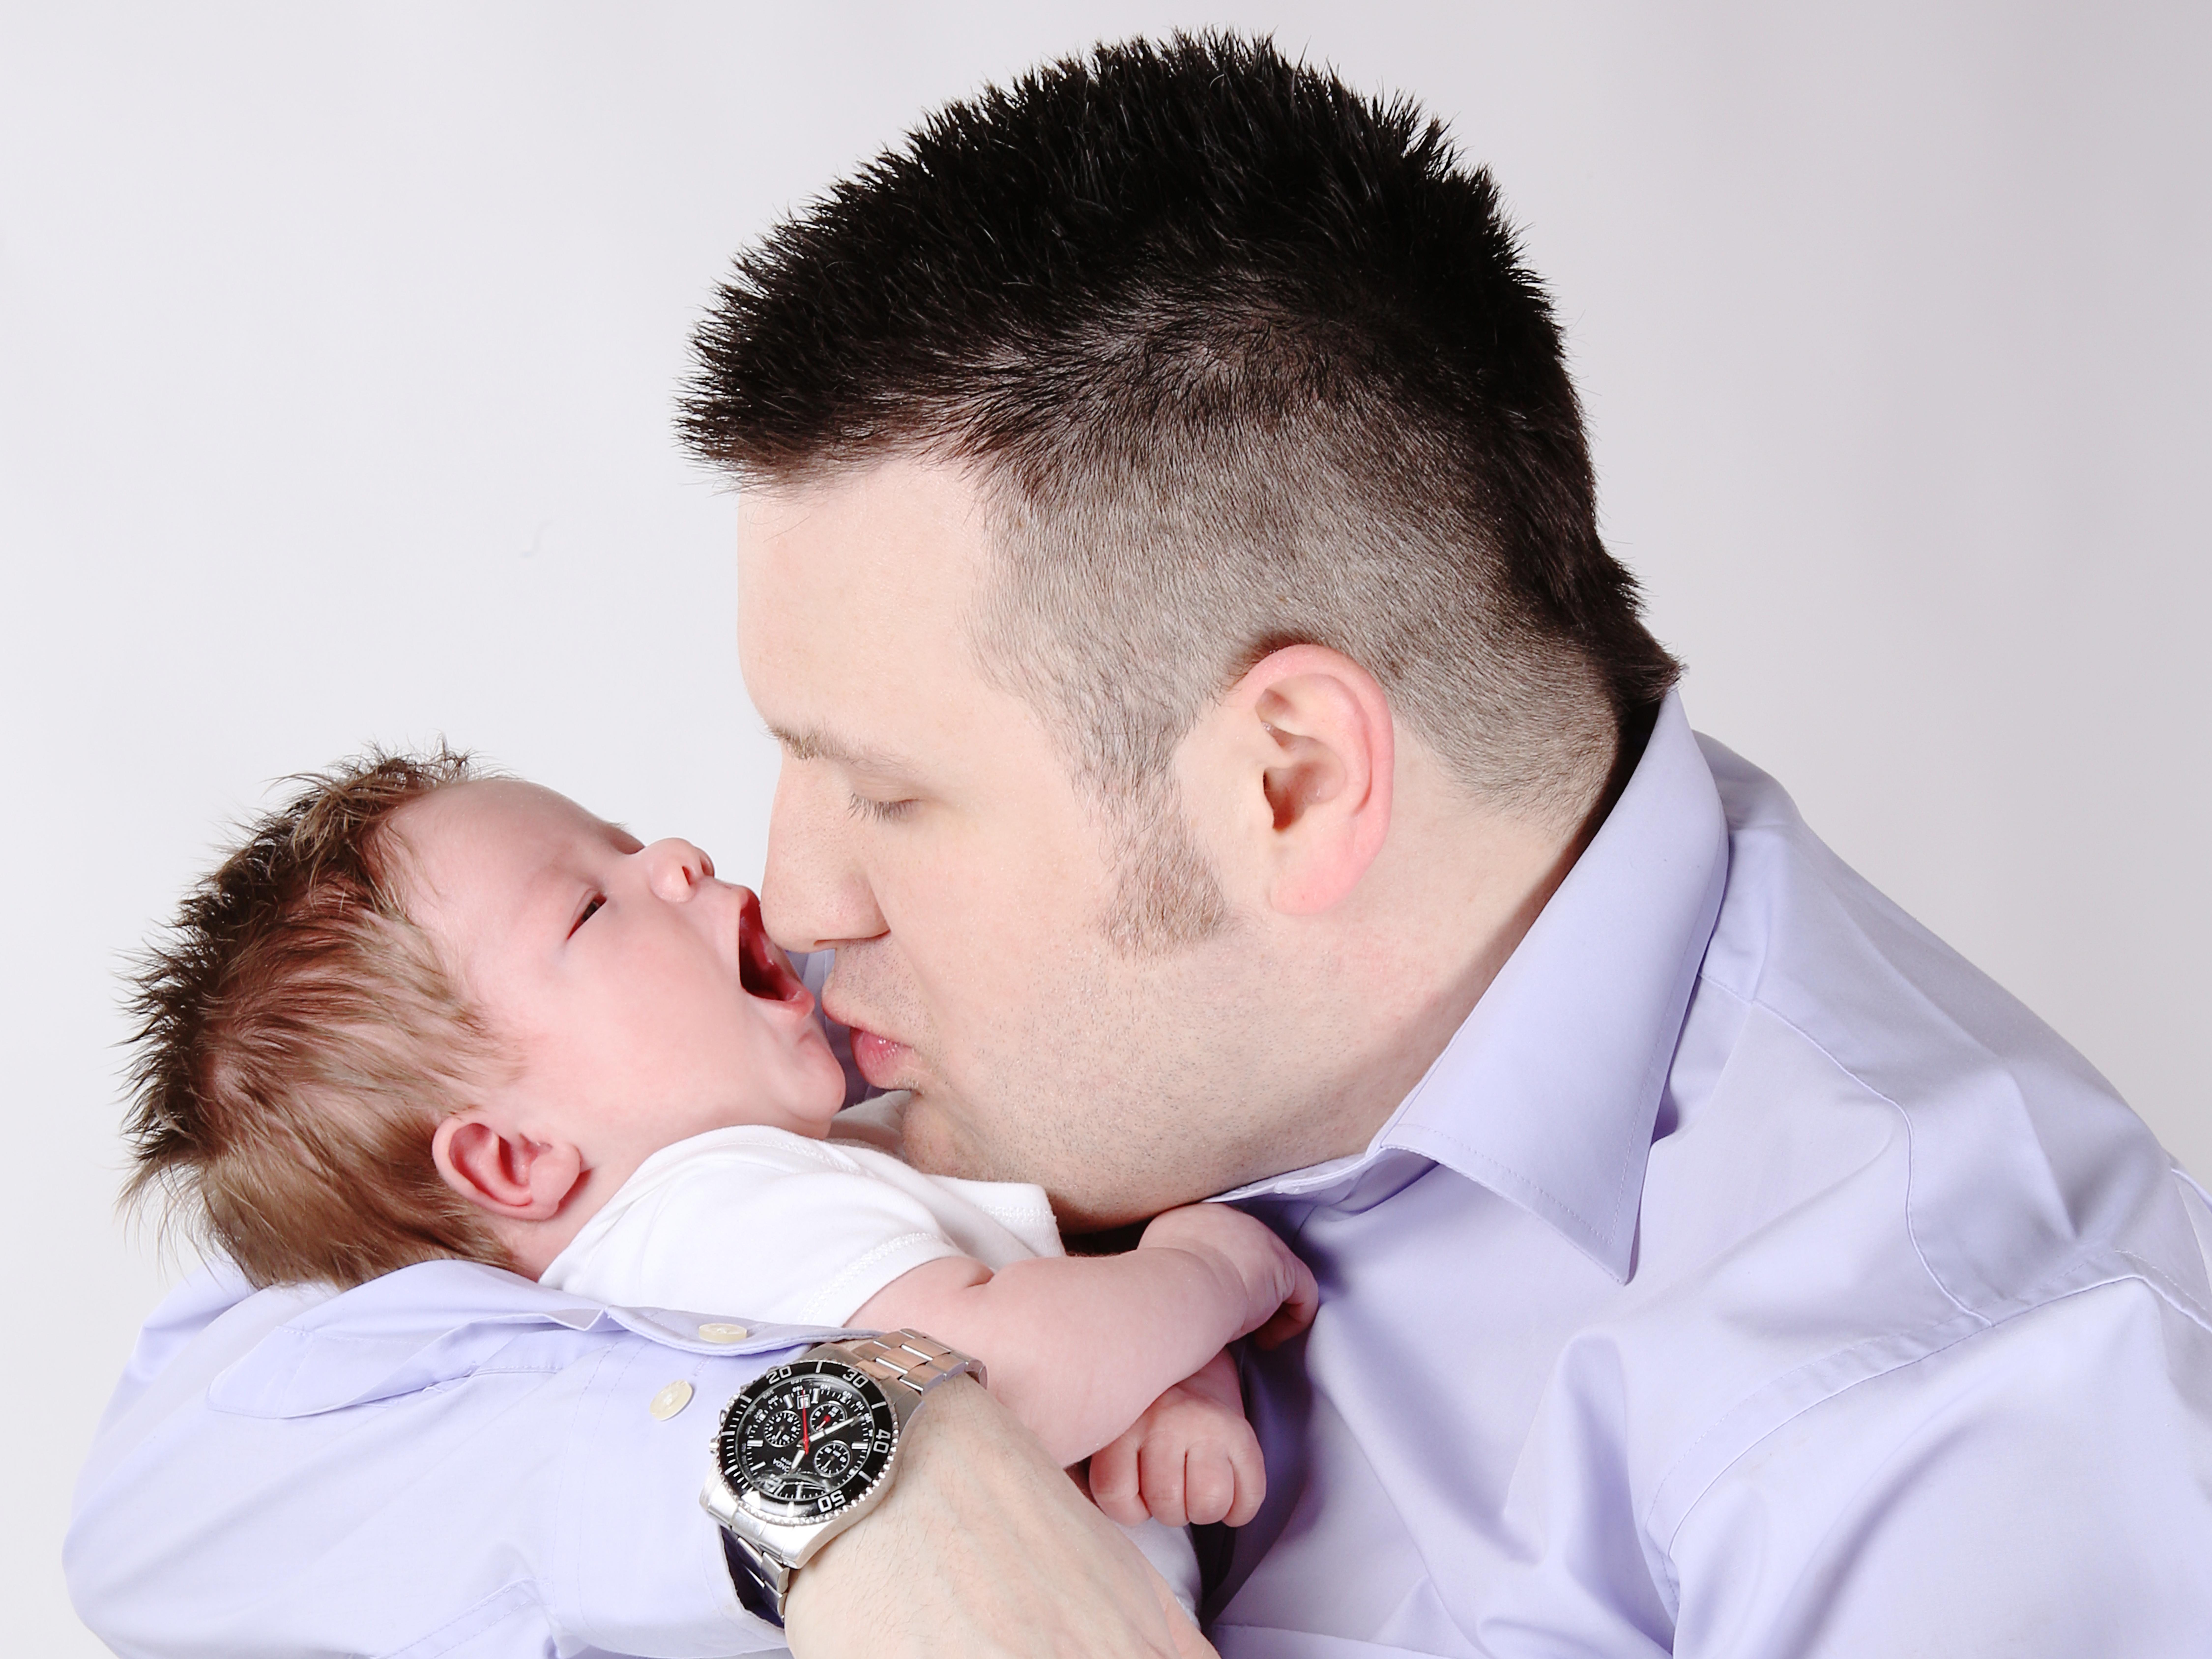 newborn baby photo shoot Belfast